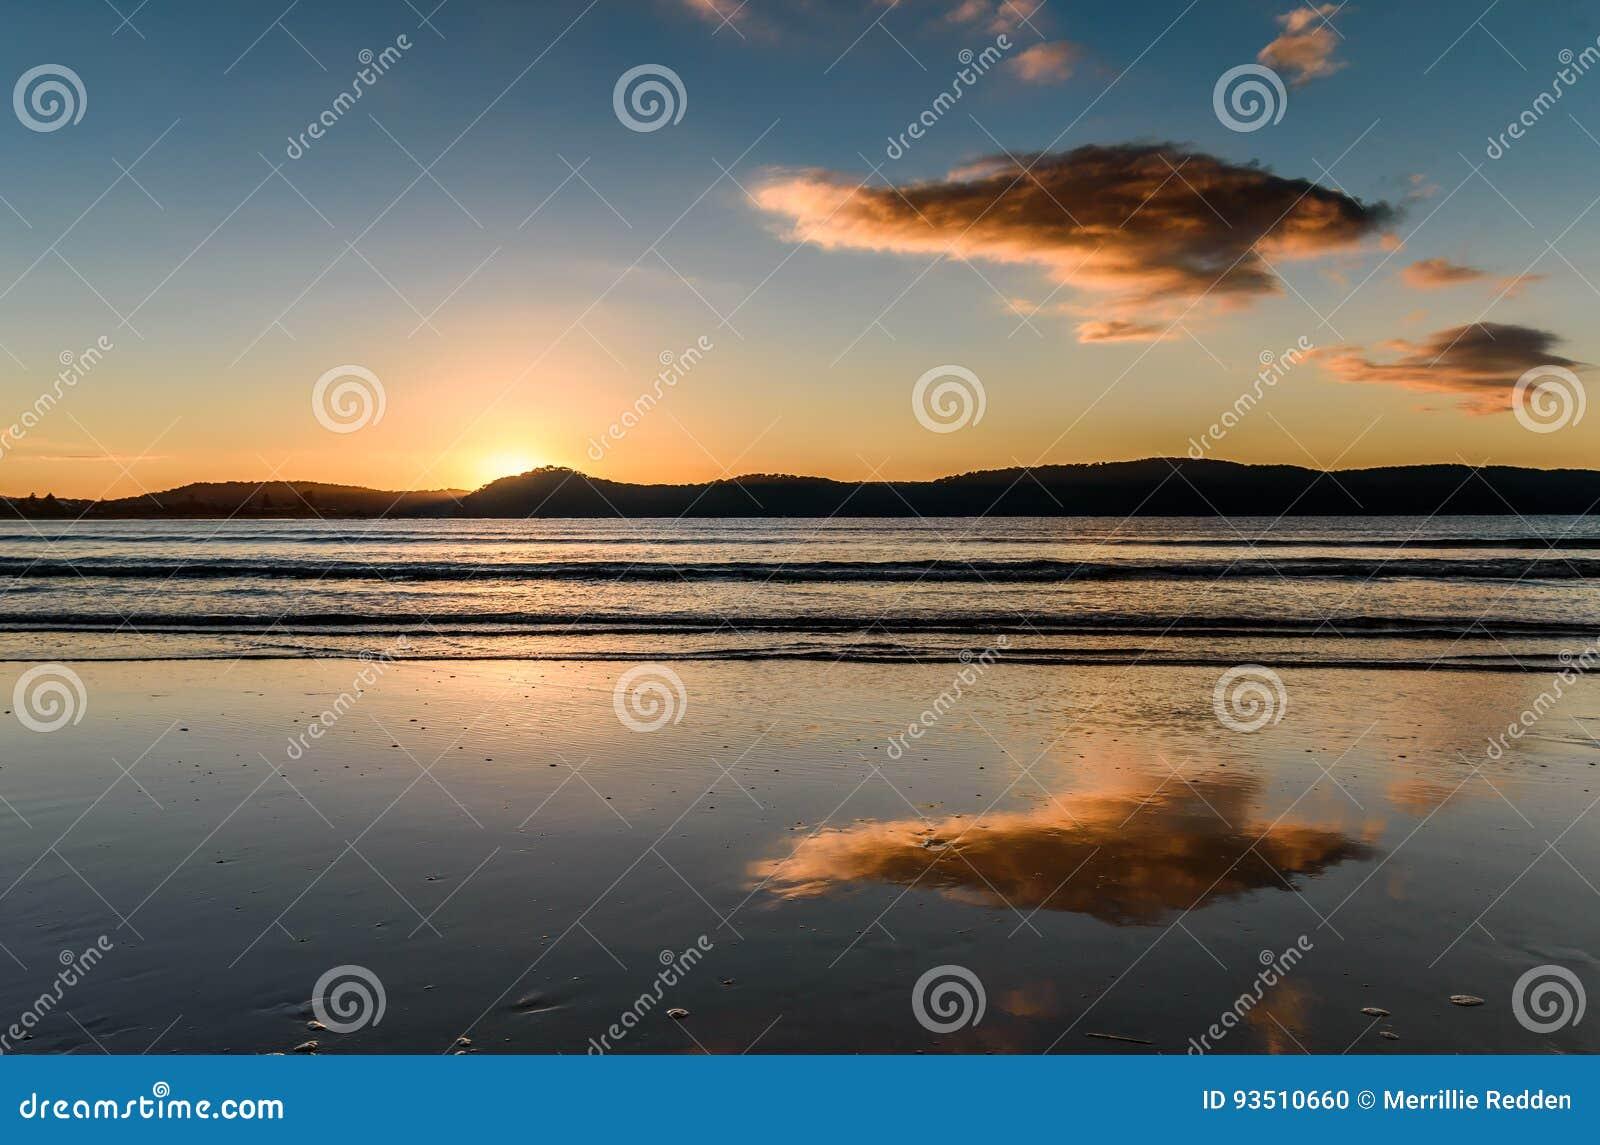 Sonnenaufgang-Meerblick mit Reflexionen